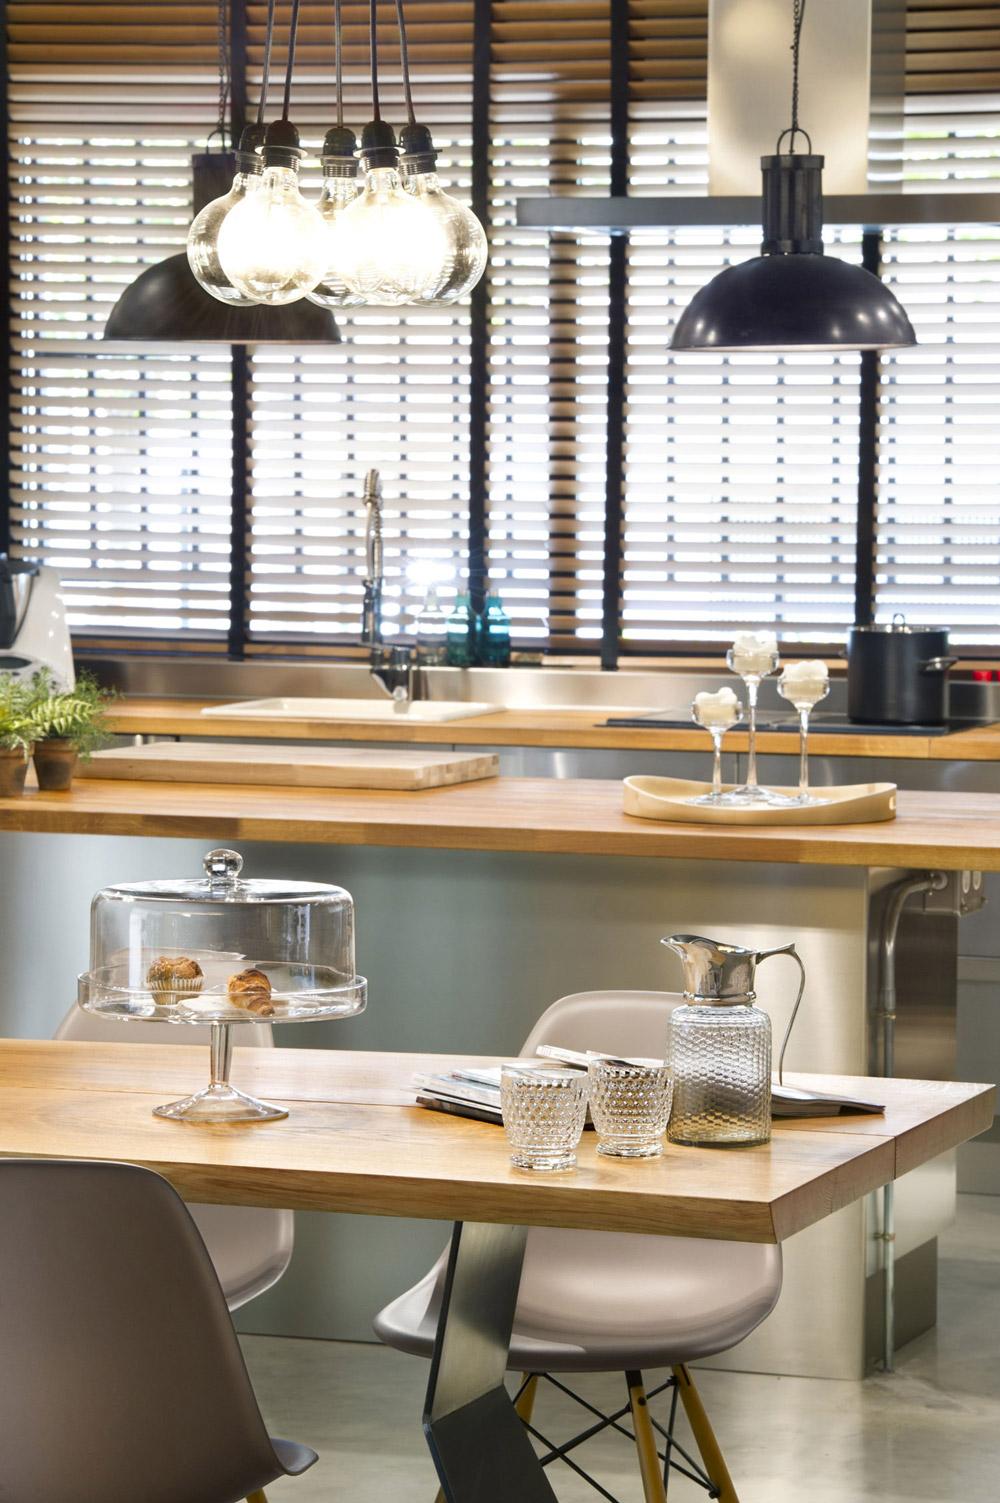 dining table kitchen pendant lighting loft style home terrassa spain kitchen table lighting Dining Table Kitchen Pendant Lighting Loft Style Home in Terrassa Spain